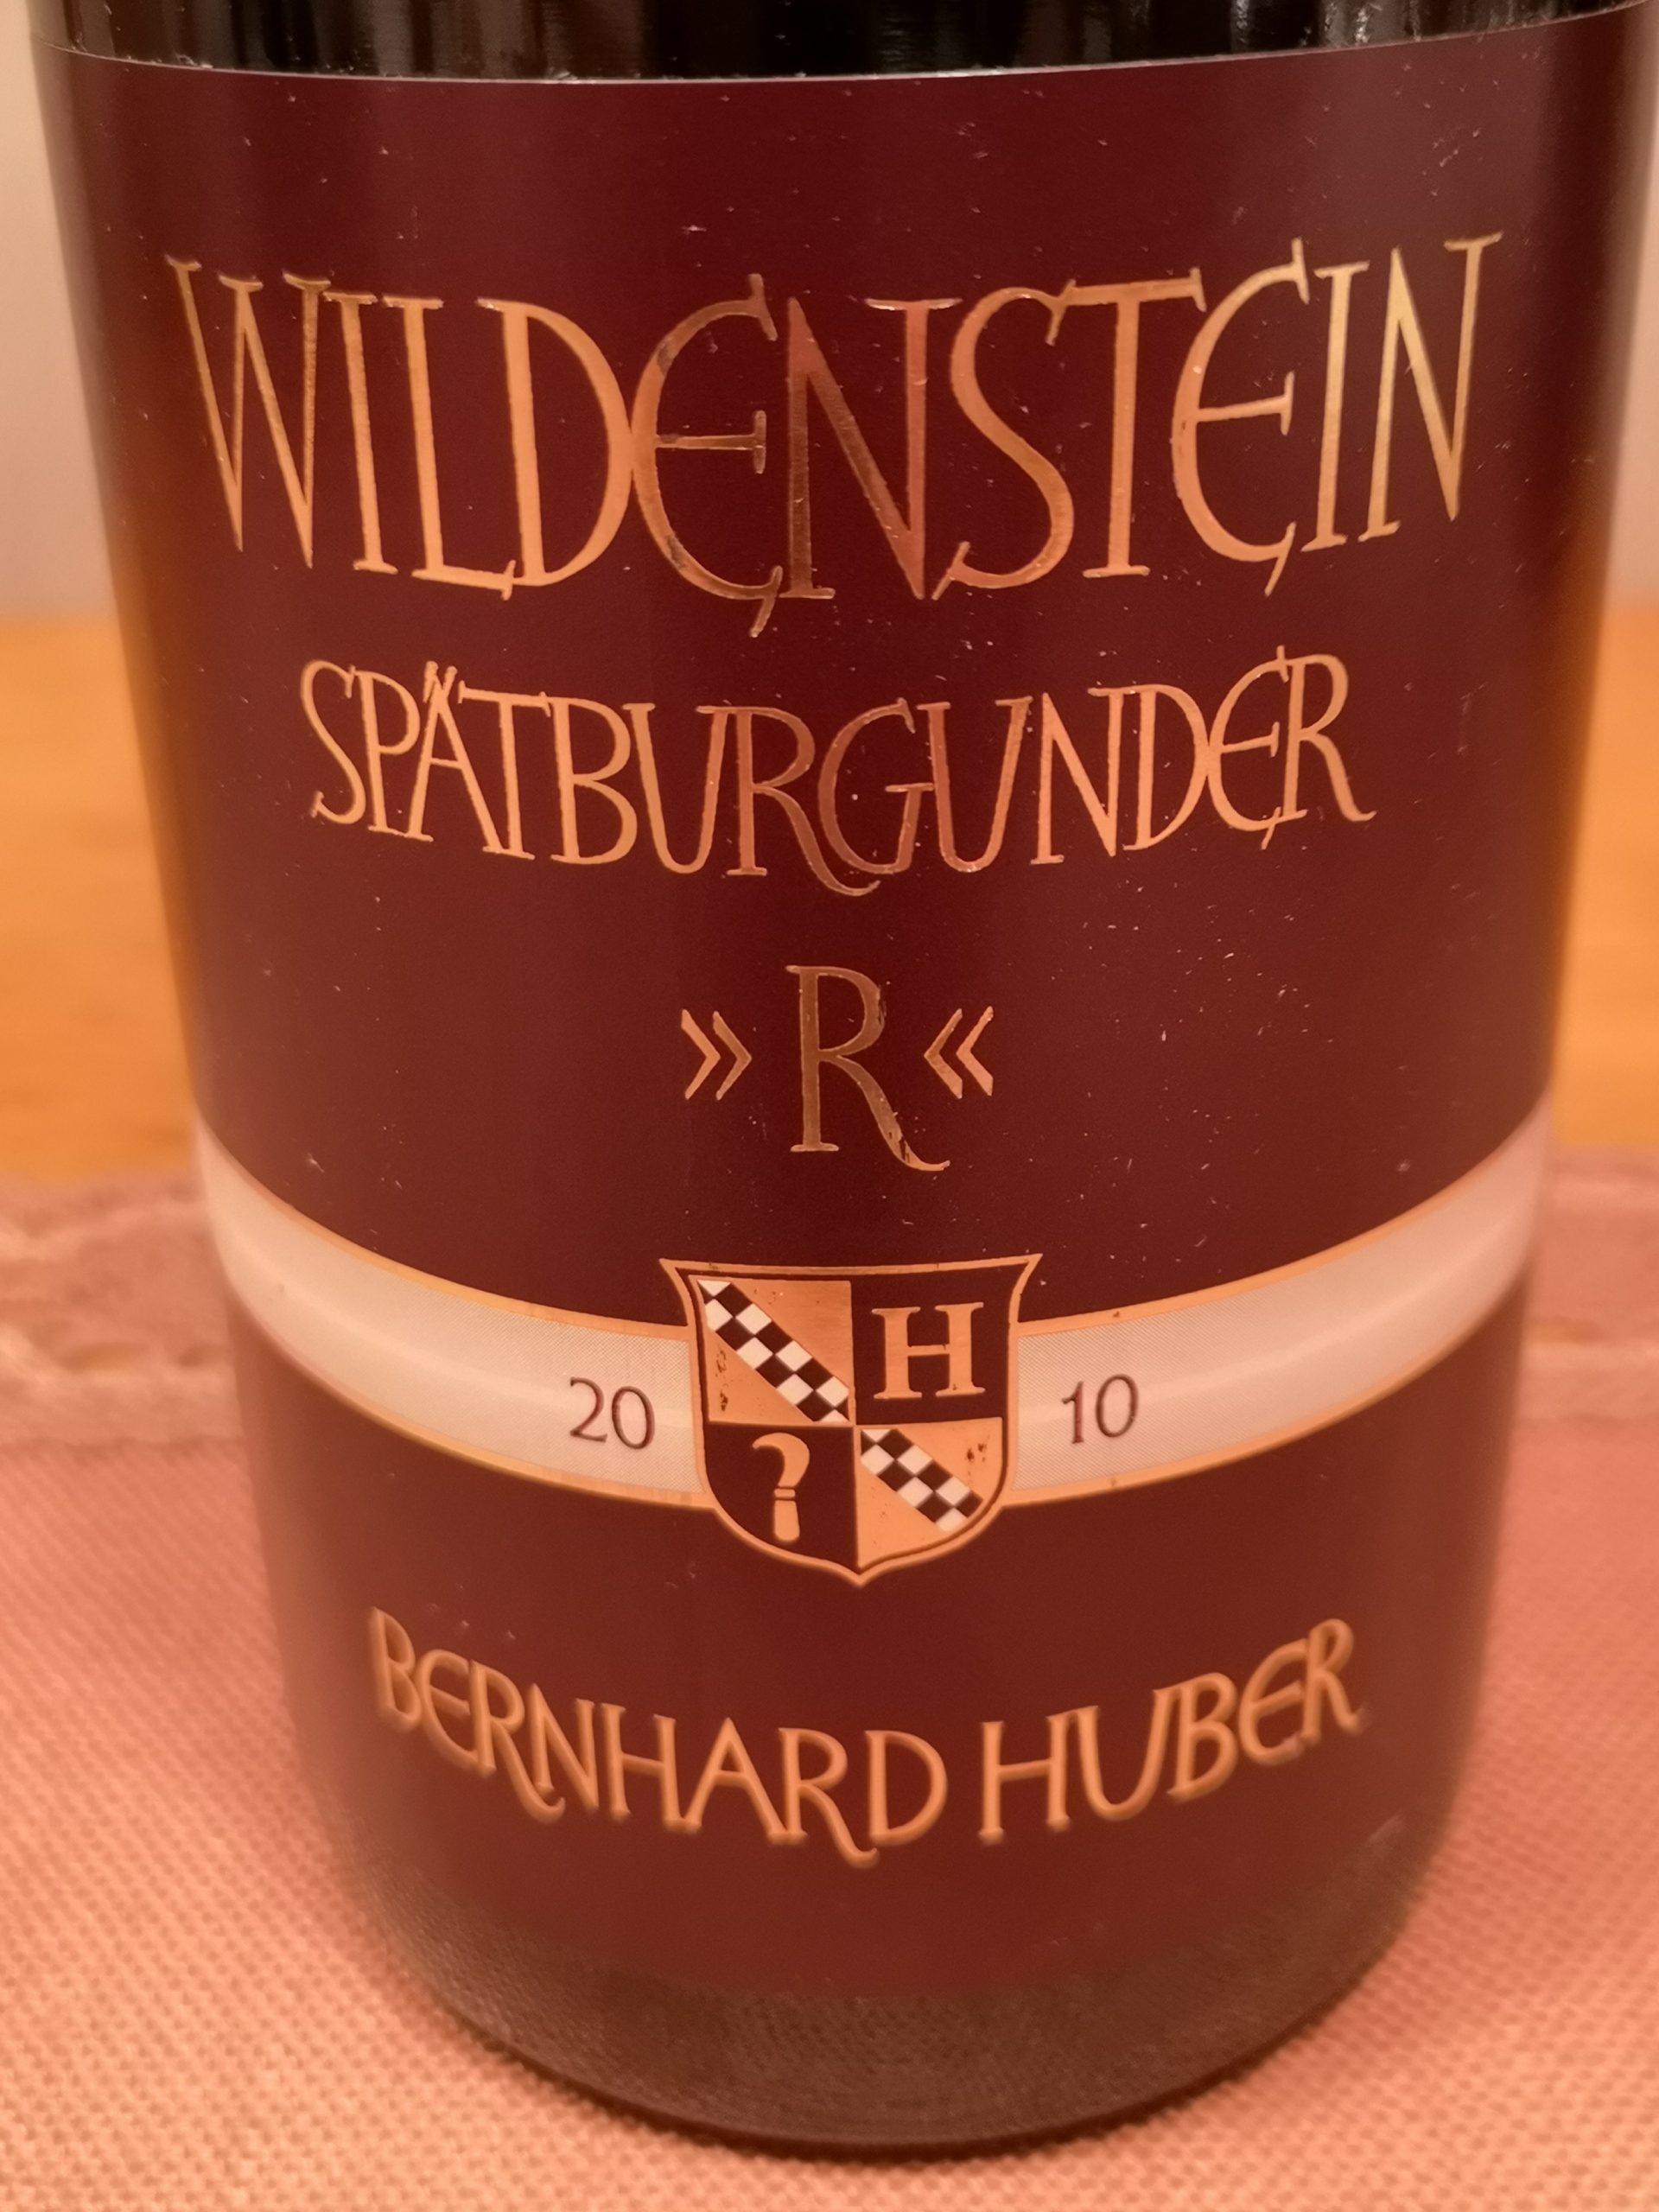 2010 Spätburgunder R Wildenstein | Huber